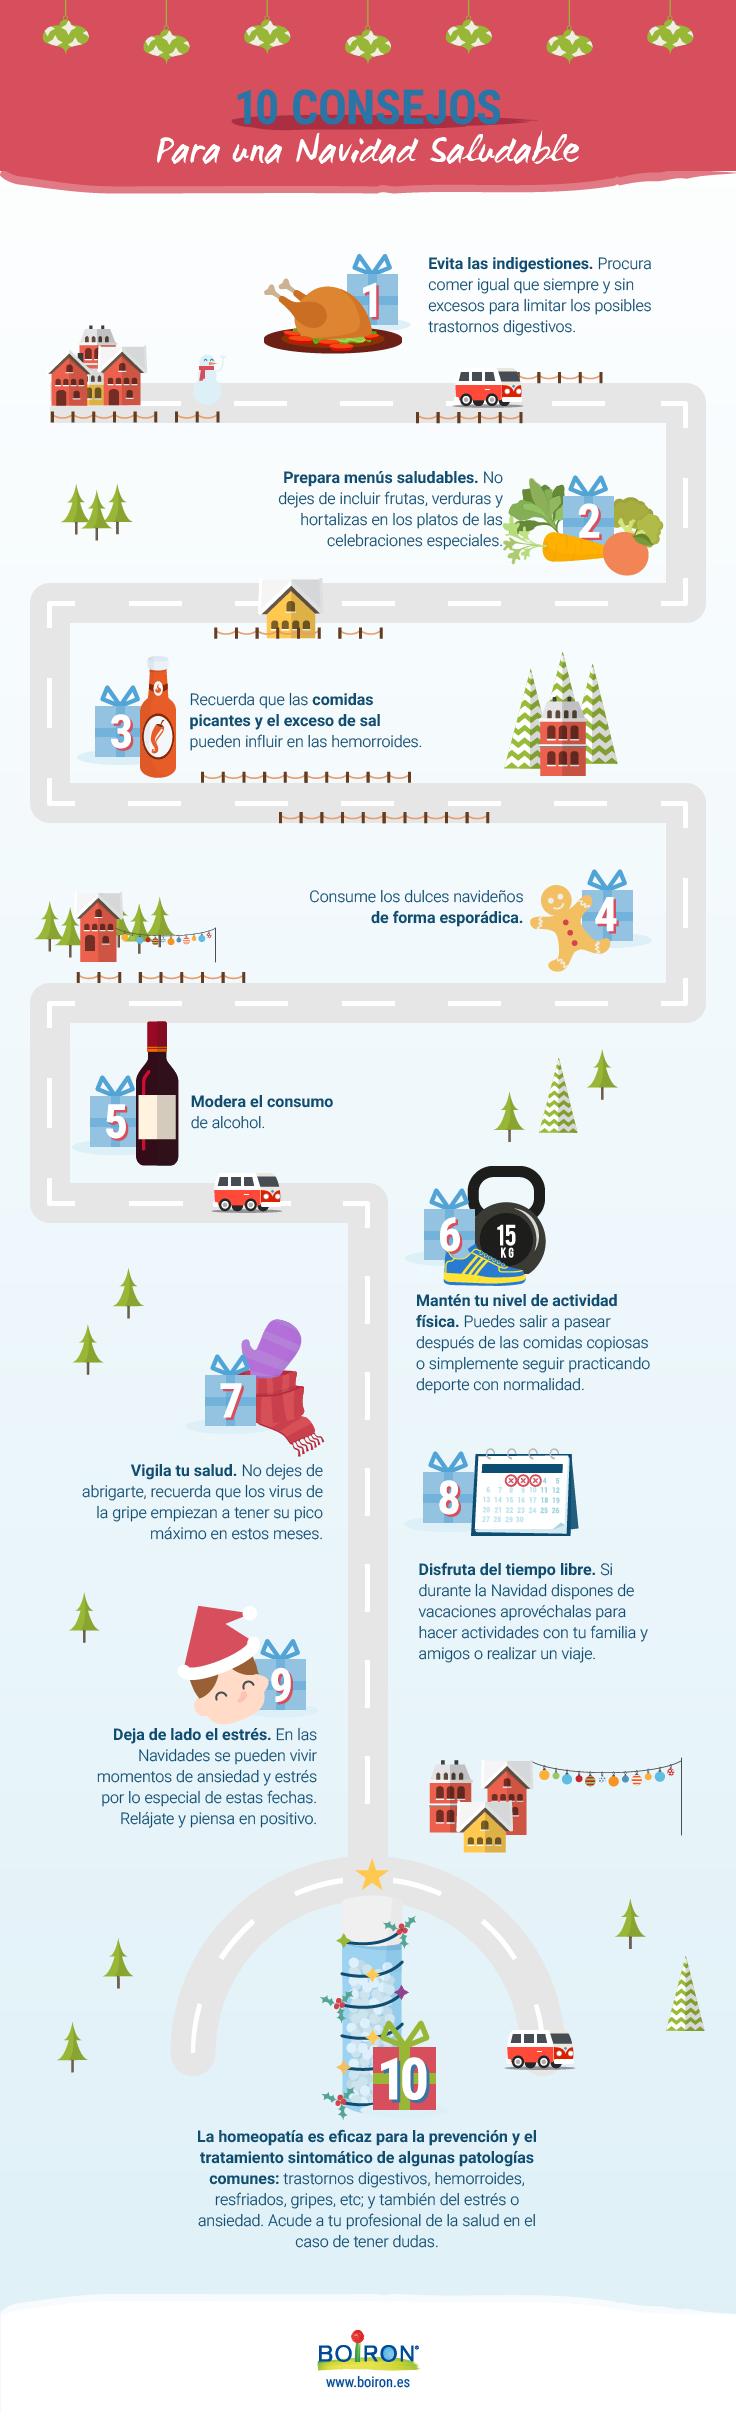 recomendaciones saludables para navidad